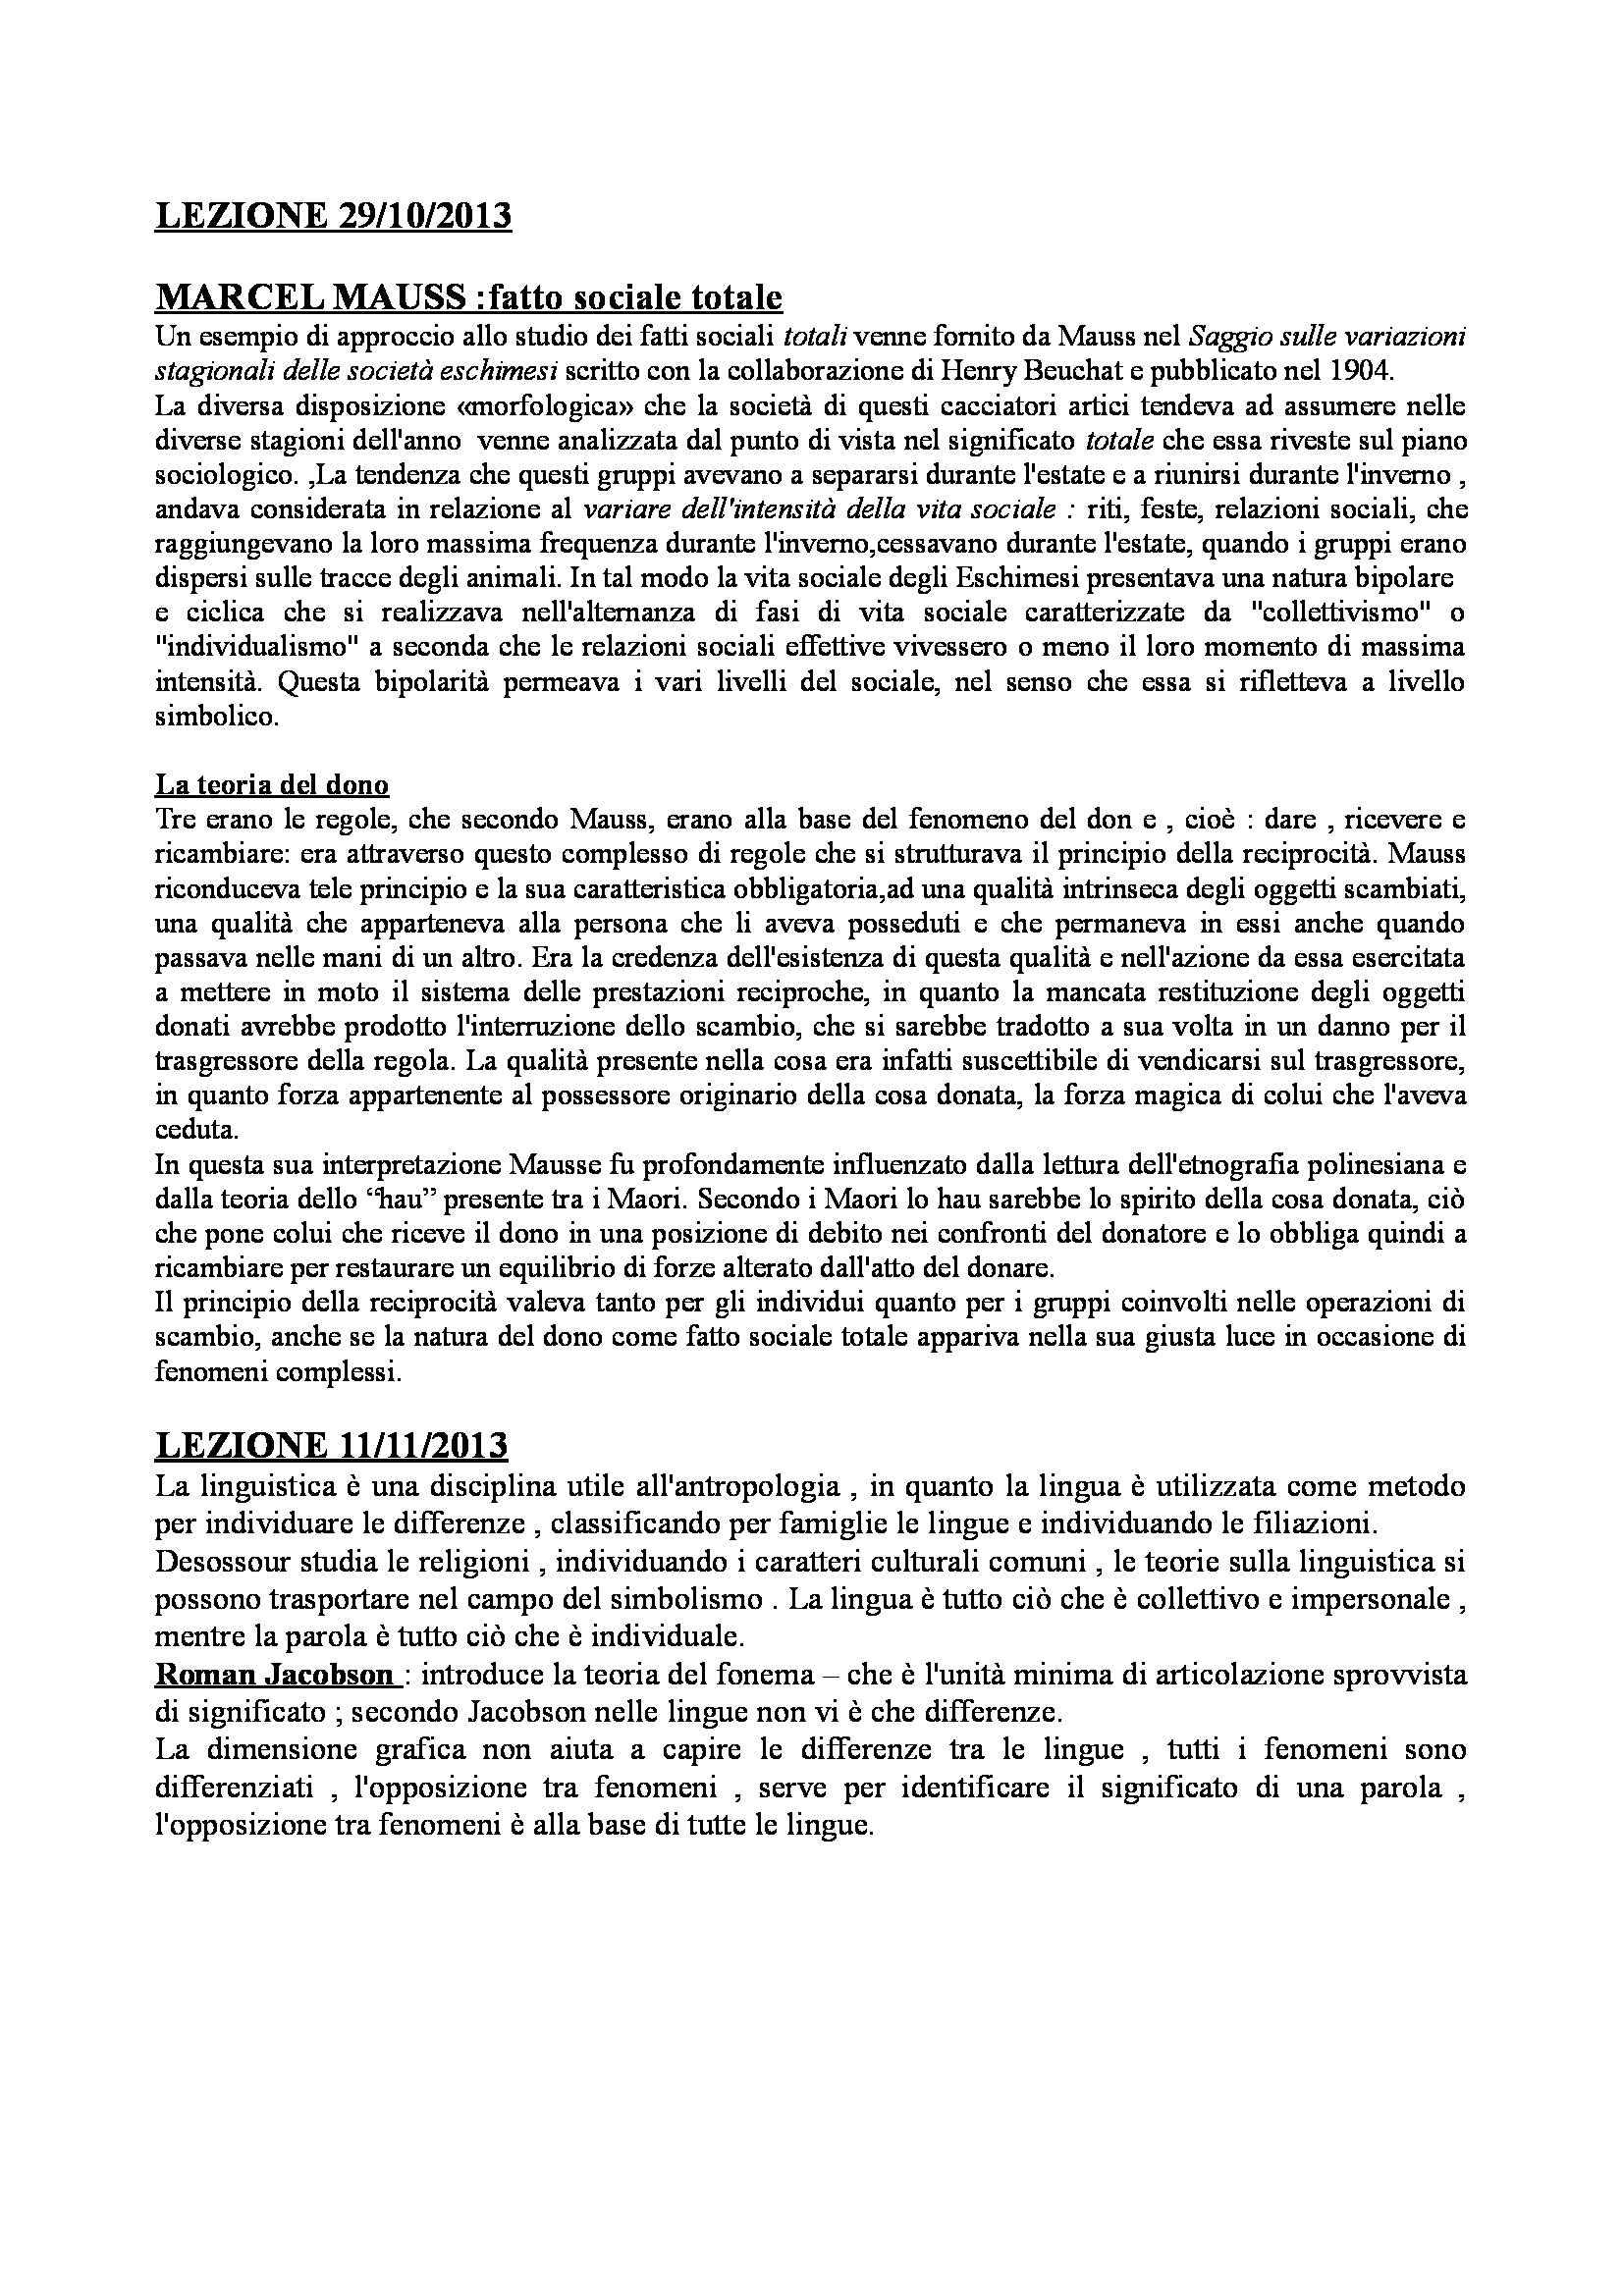 Antropologia culturale - teorie e storia dell'antropologia culturale Pag. 6